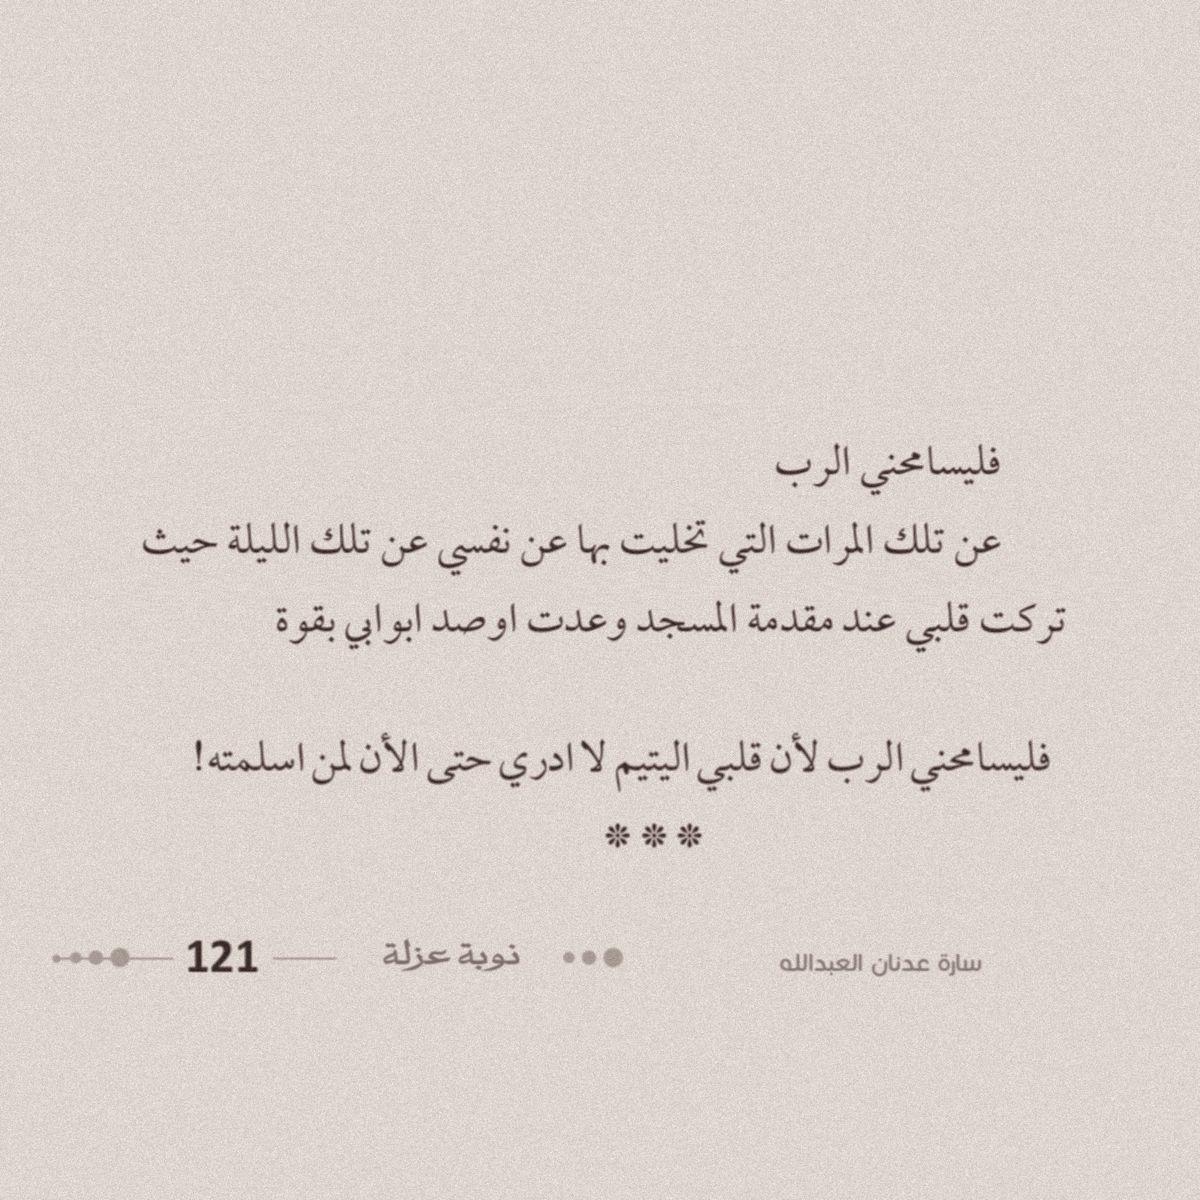 مقتبس من كتاب نوبة عزلة In 2021 Books Arabic Calligraphy Calligraphy